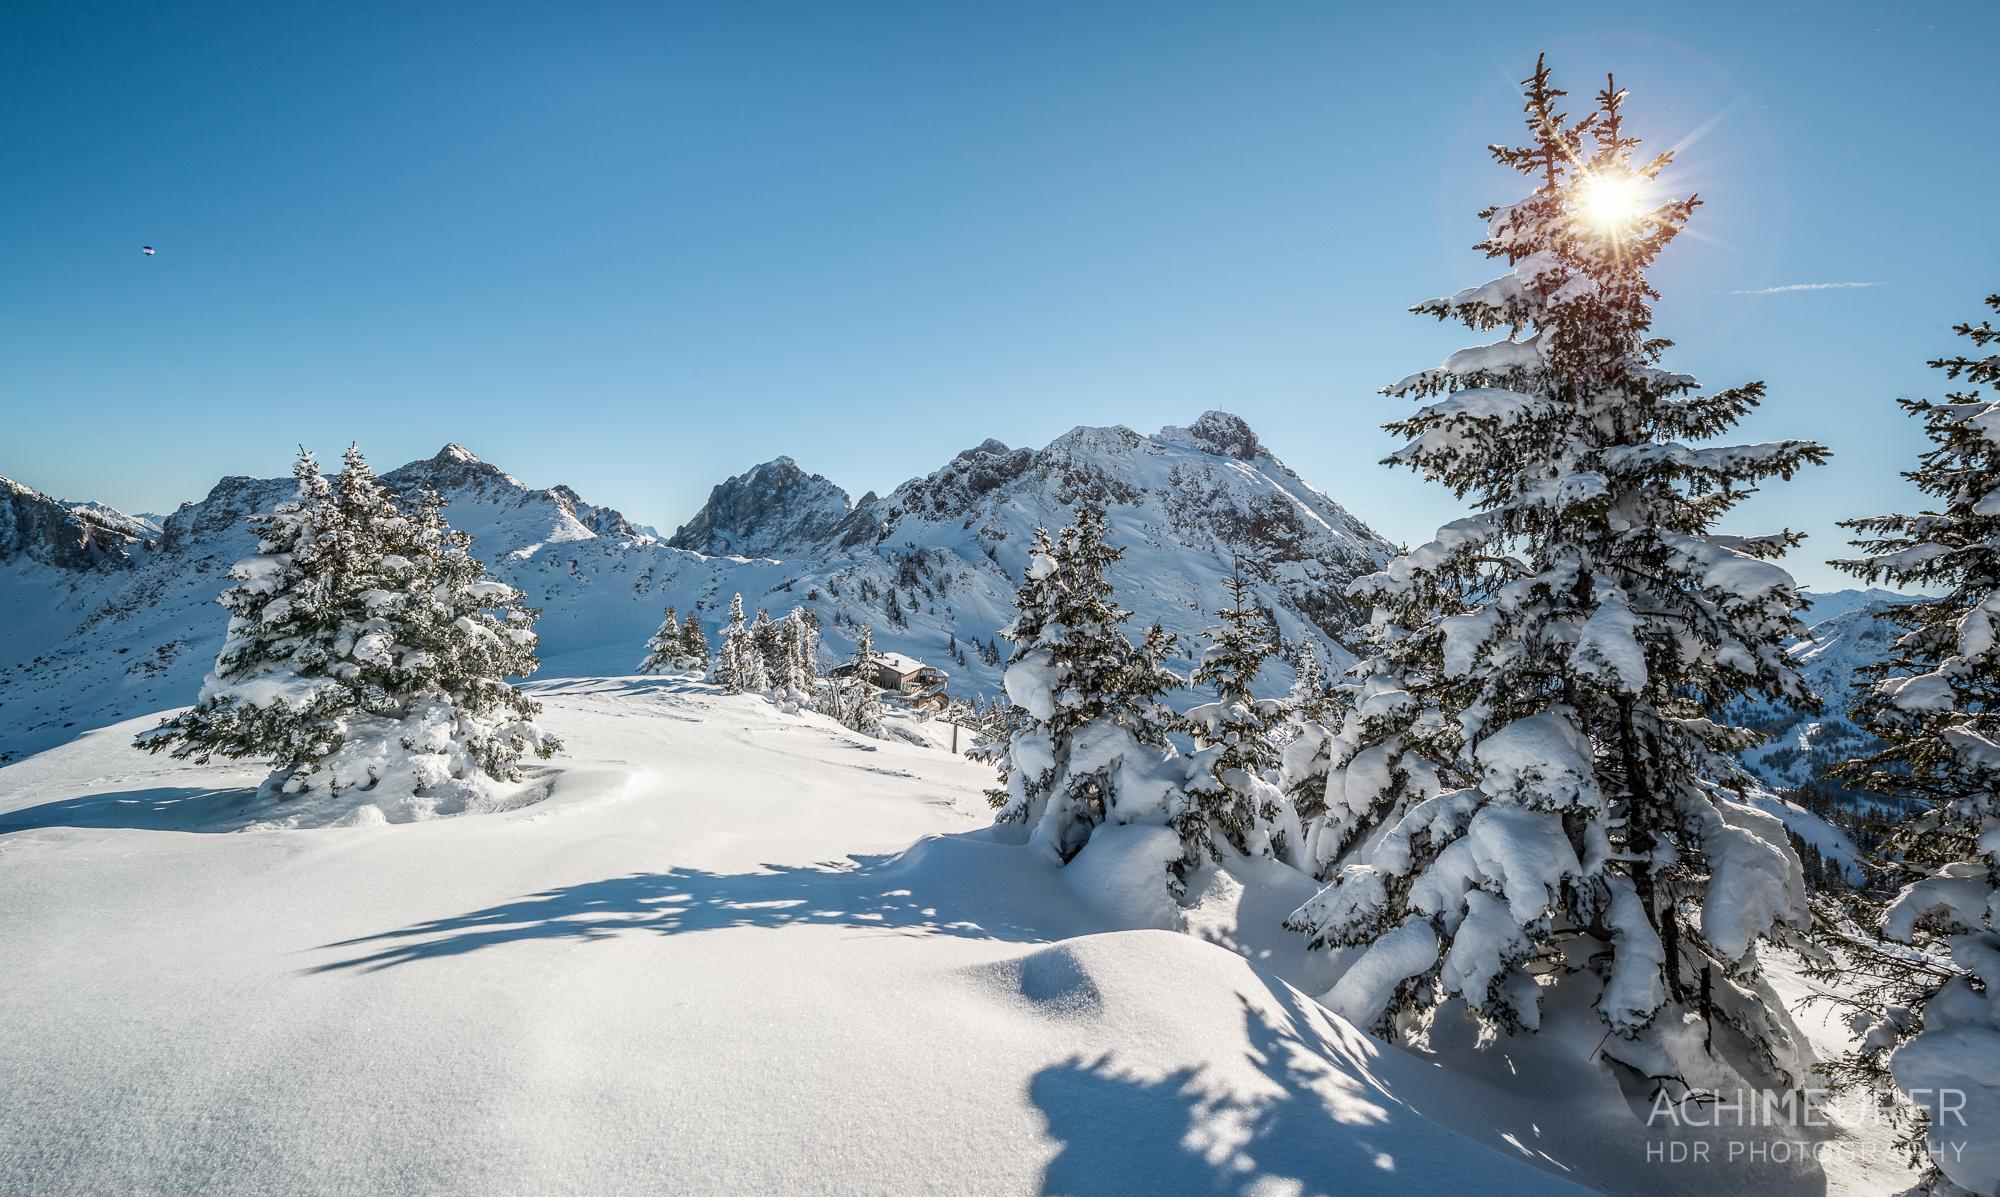 Die-schoensten-Winterfotos-Winterlandschaft-19 by Achim Meurer.